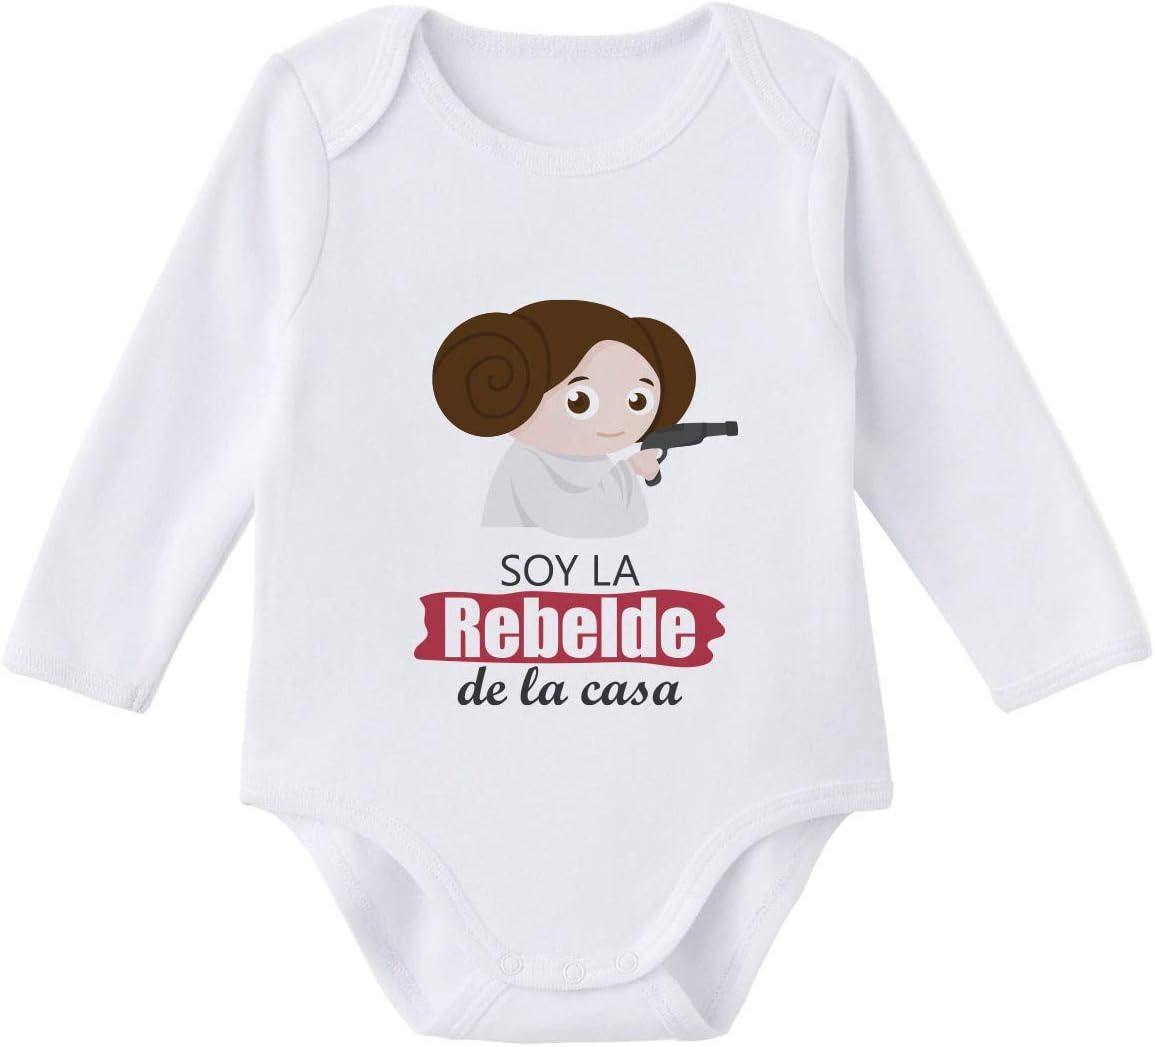 SUPERMOLON Body niña Soy la rebelde de la casa Blanco algodón para bebé 0-3 meses